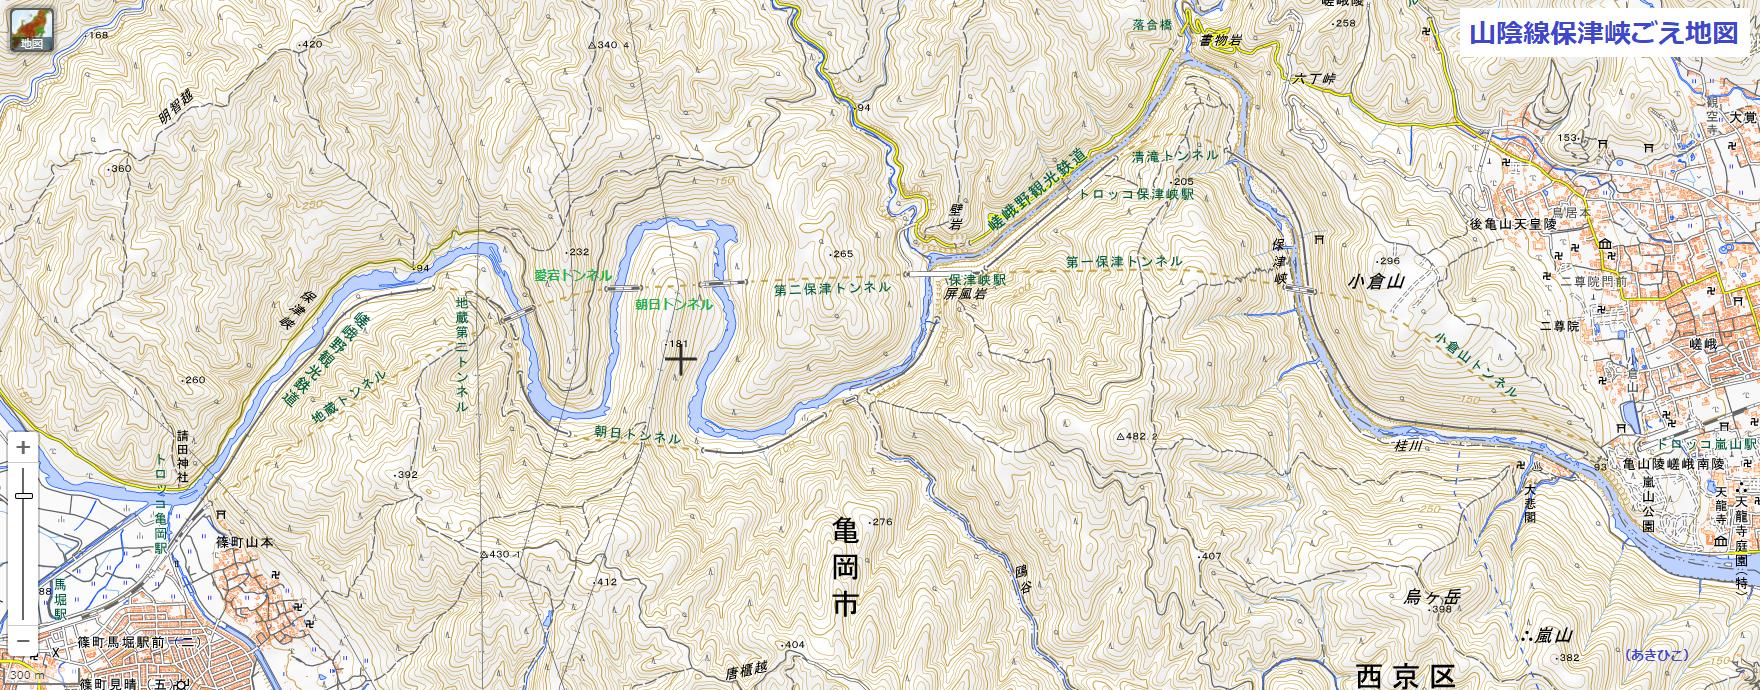 2020.9.15 山陰線保津峡ごえ地図(あきひこ) 1760-690